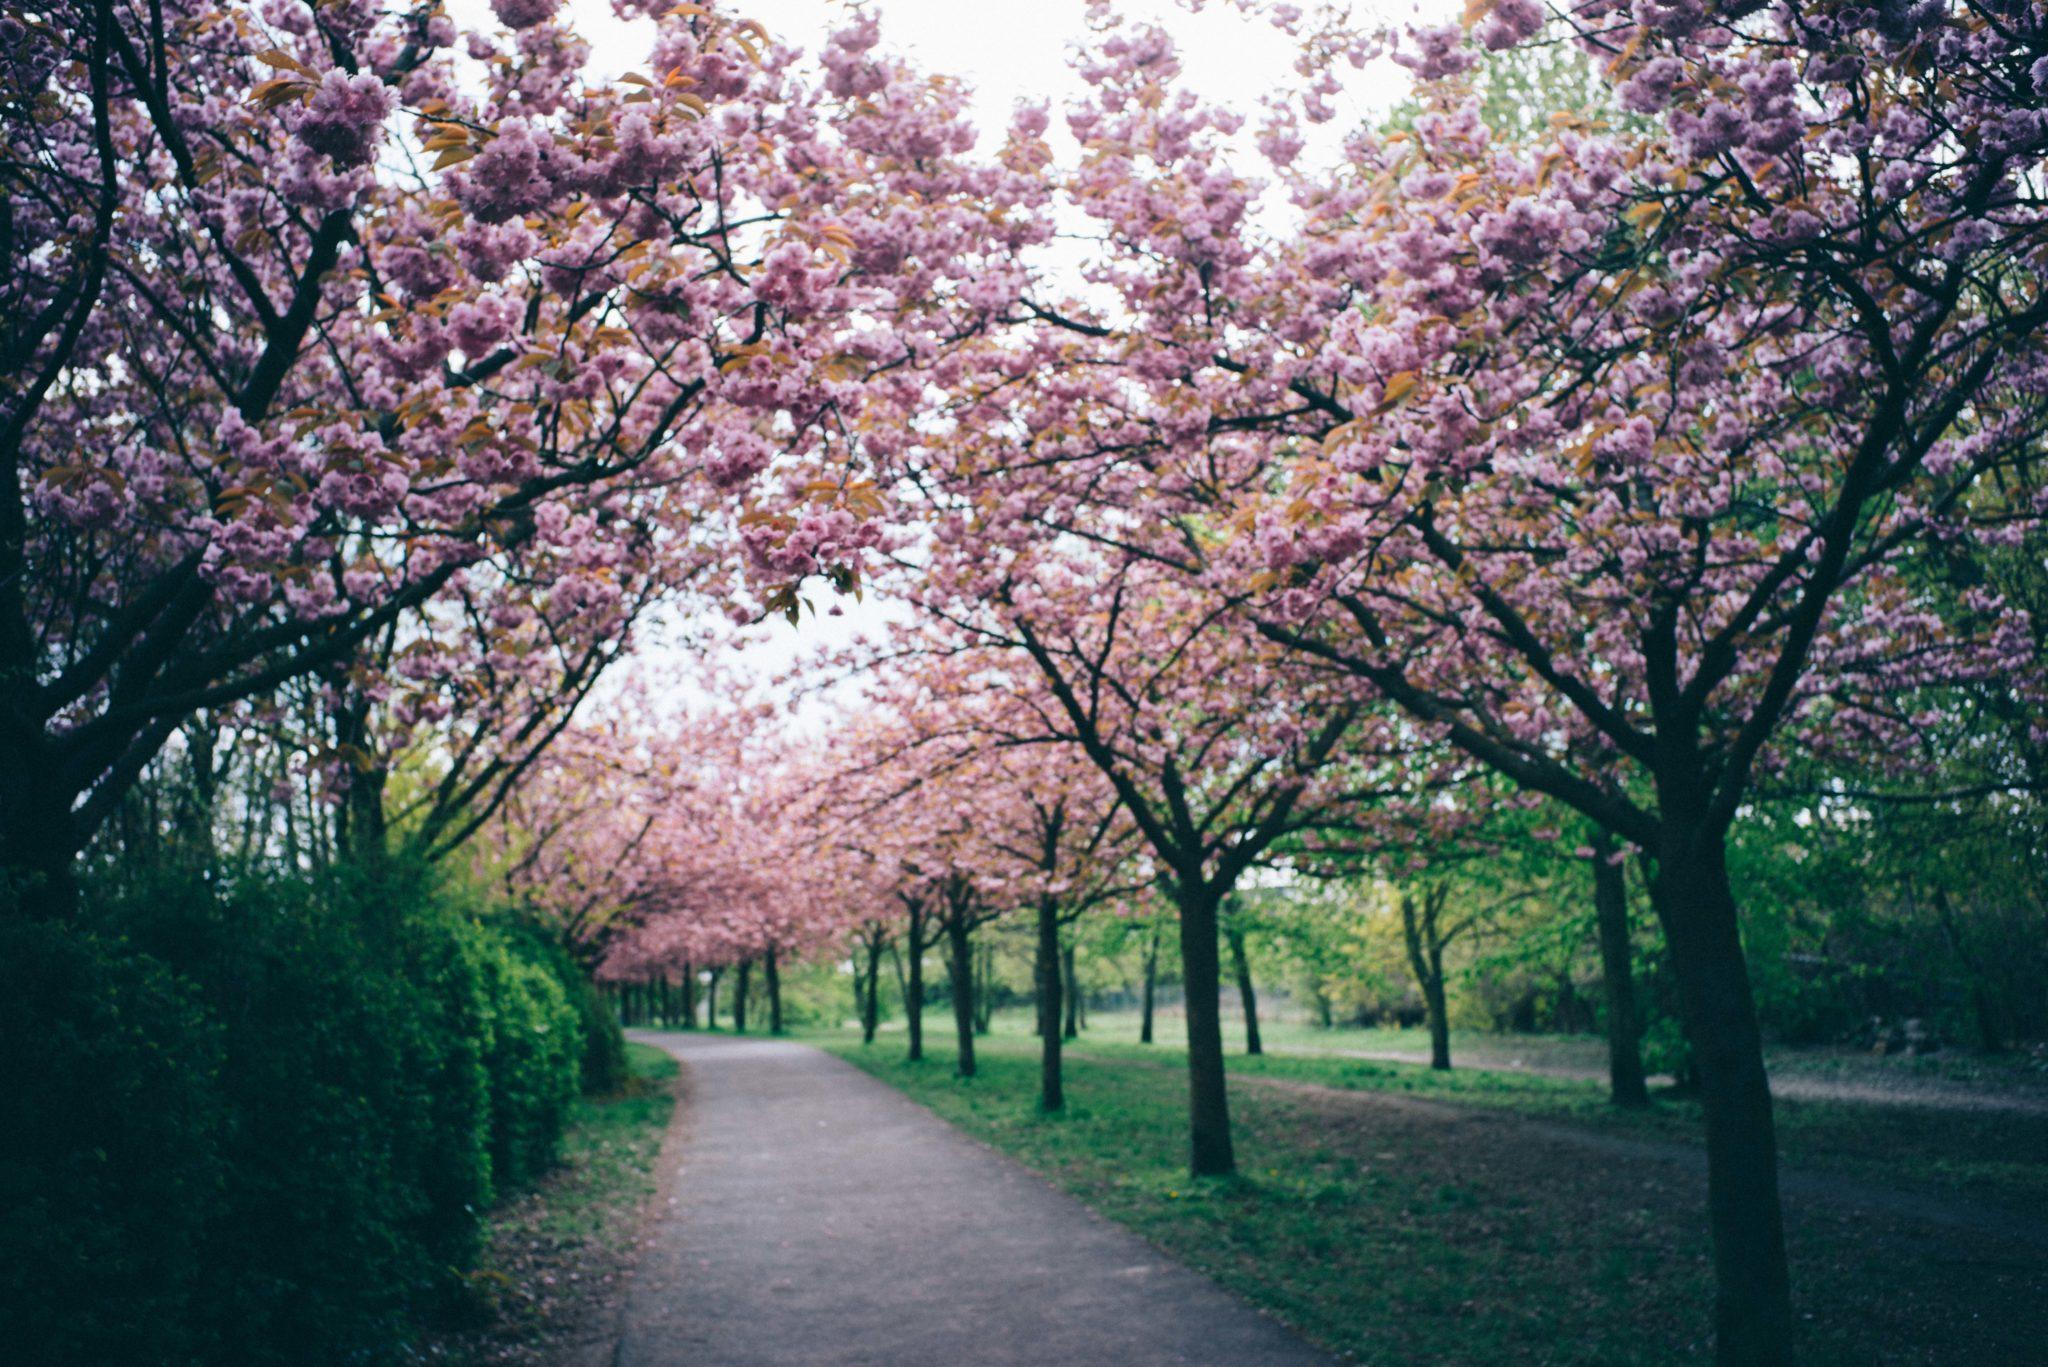 Mauerweg Berlin - Japanese Cherry Blossoms